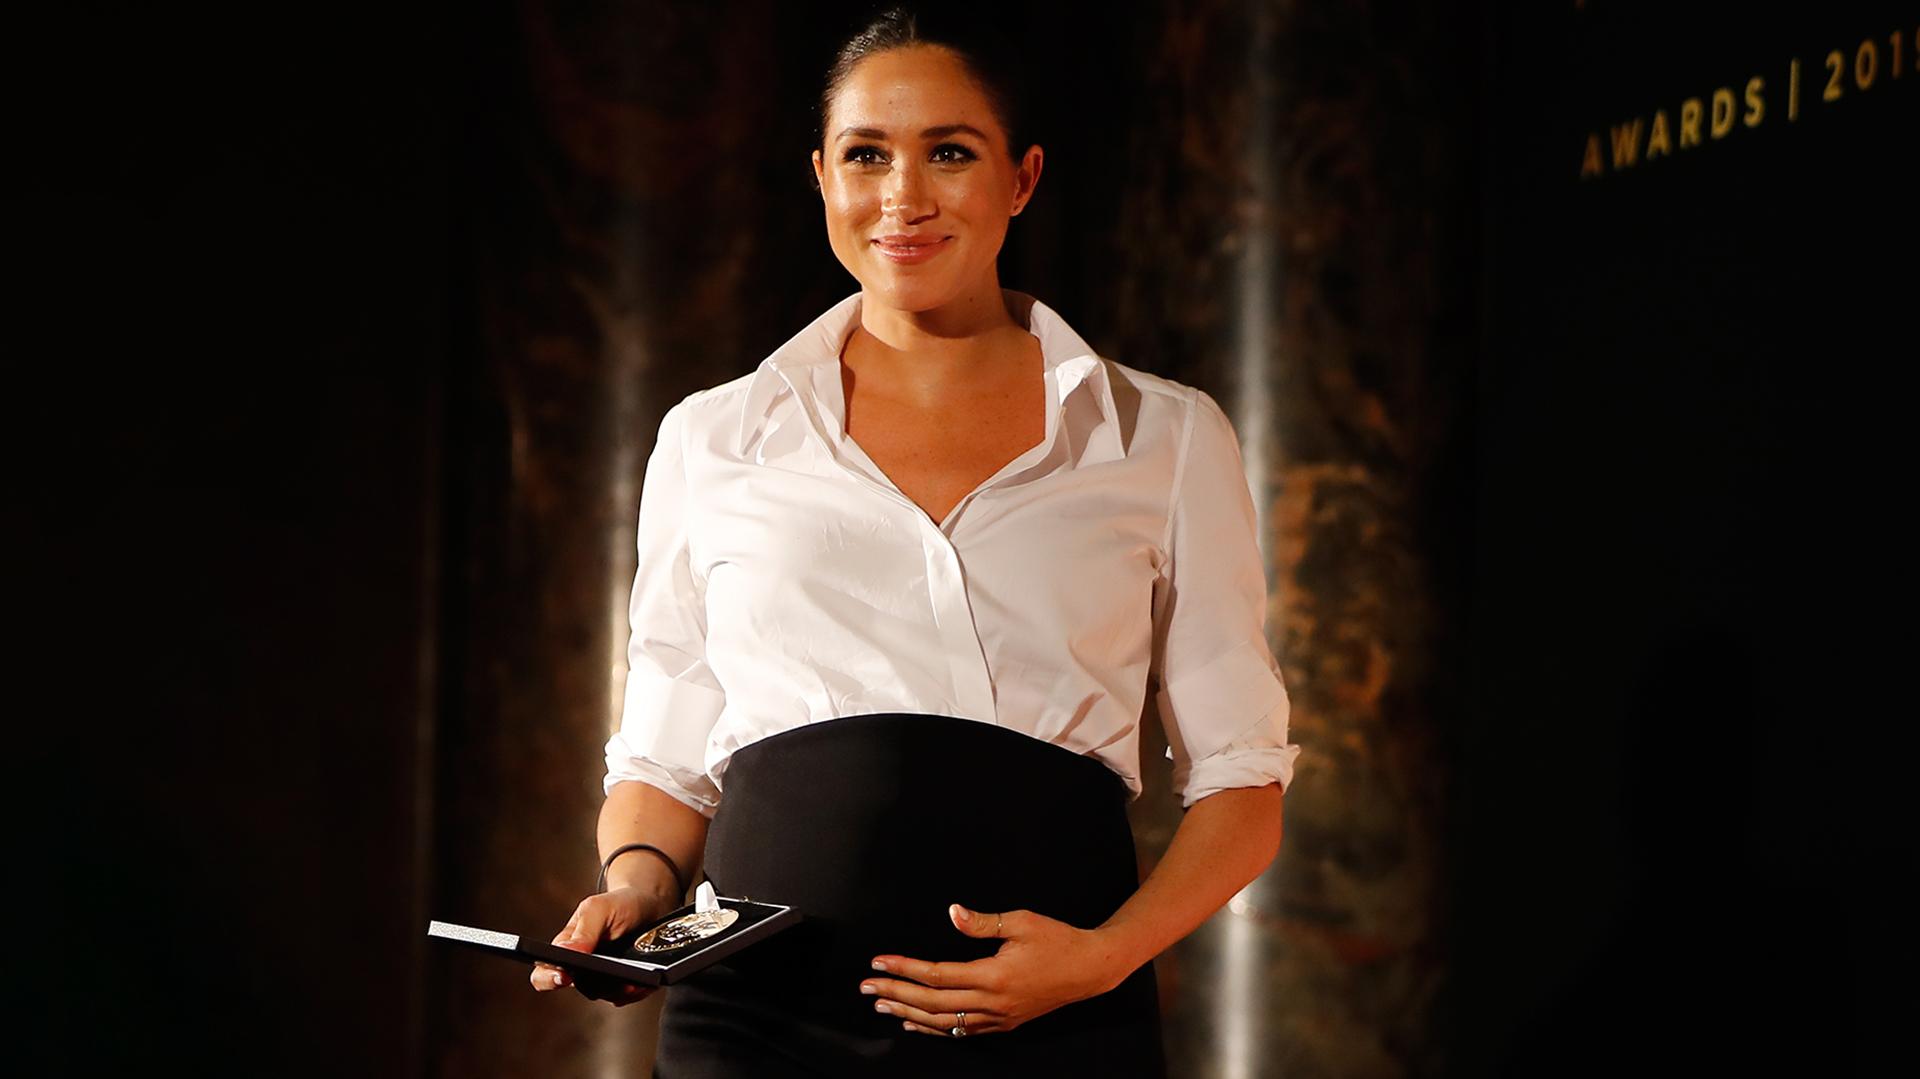 El duque y la duquesa de Sussex asistieron a los Premios Endeavor Fund, de los cuales presidieron el jurado. Meghan usó una falda y camisa a medida de Givenchy, tacones Aquazzura y un clutch negro para el evento